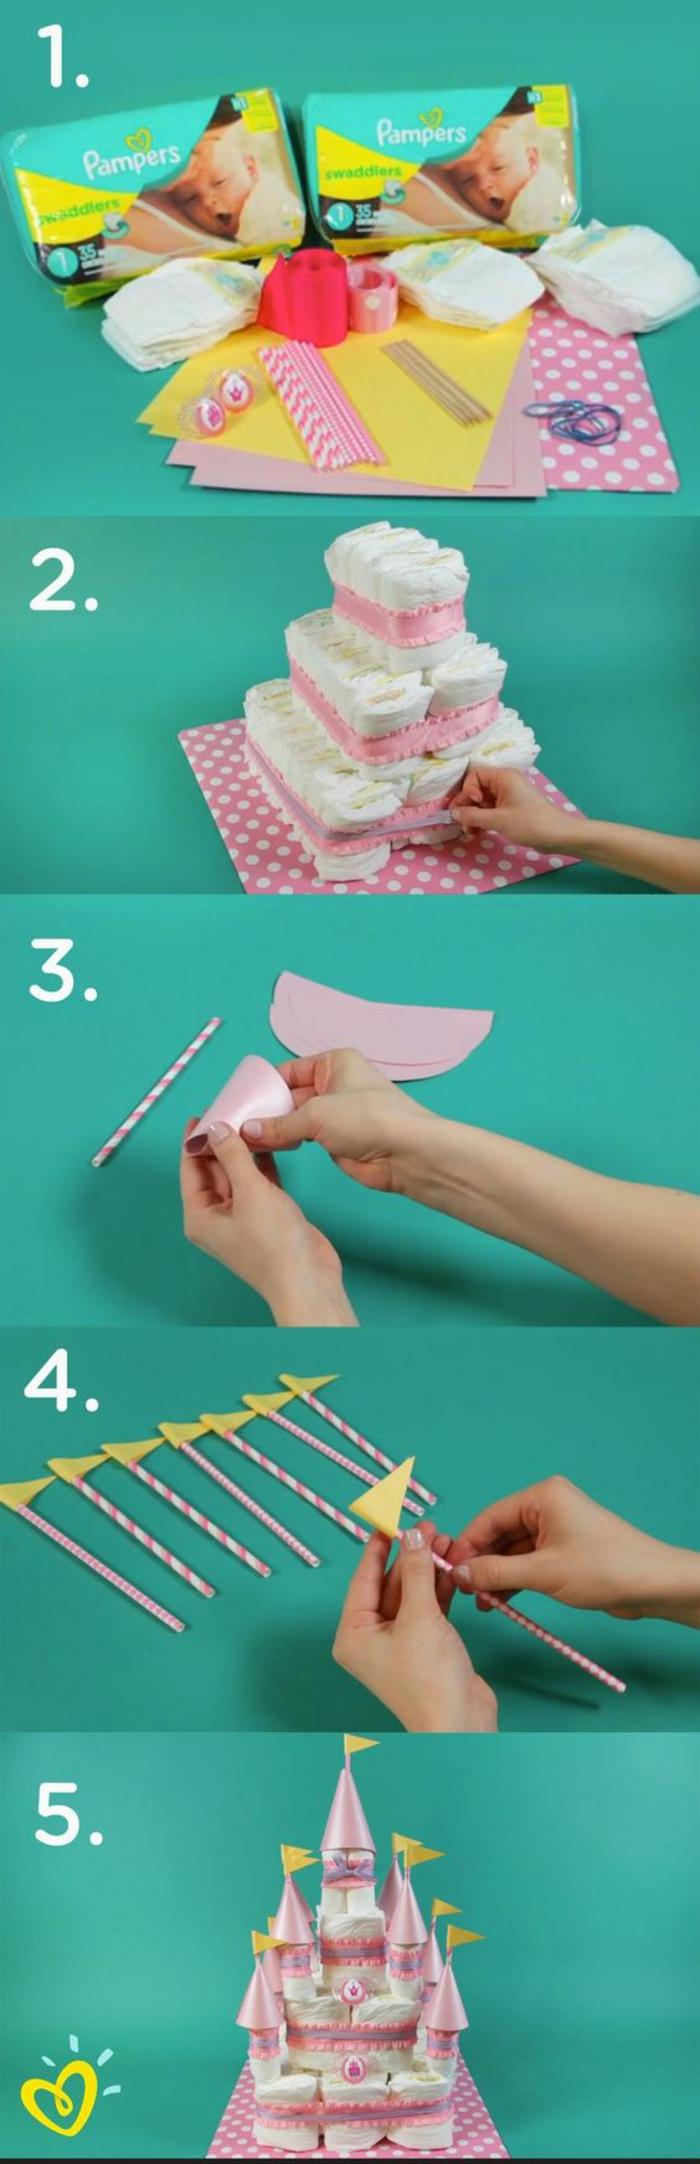 comment faire un gâteau de couches en forme de chateau, organiser une baby shower inoubliable